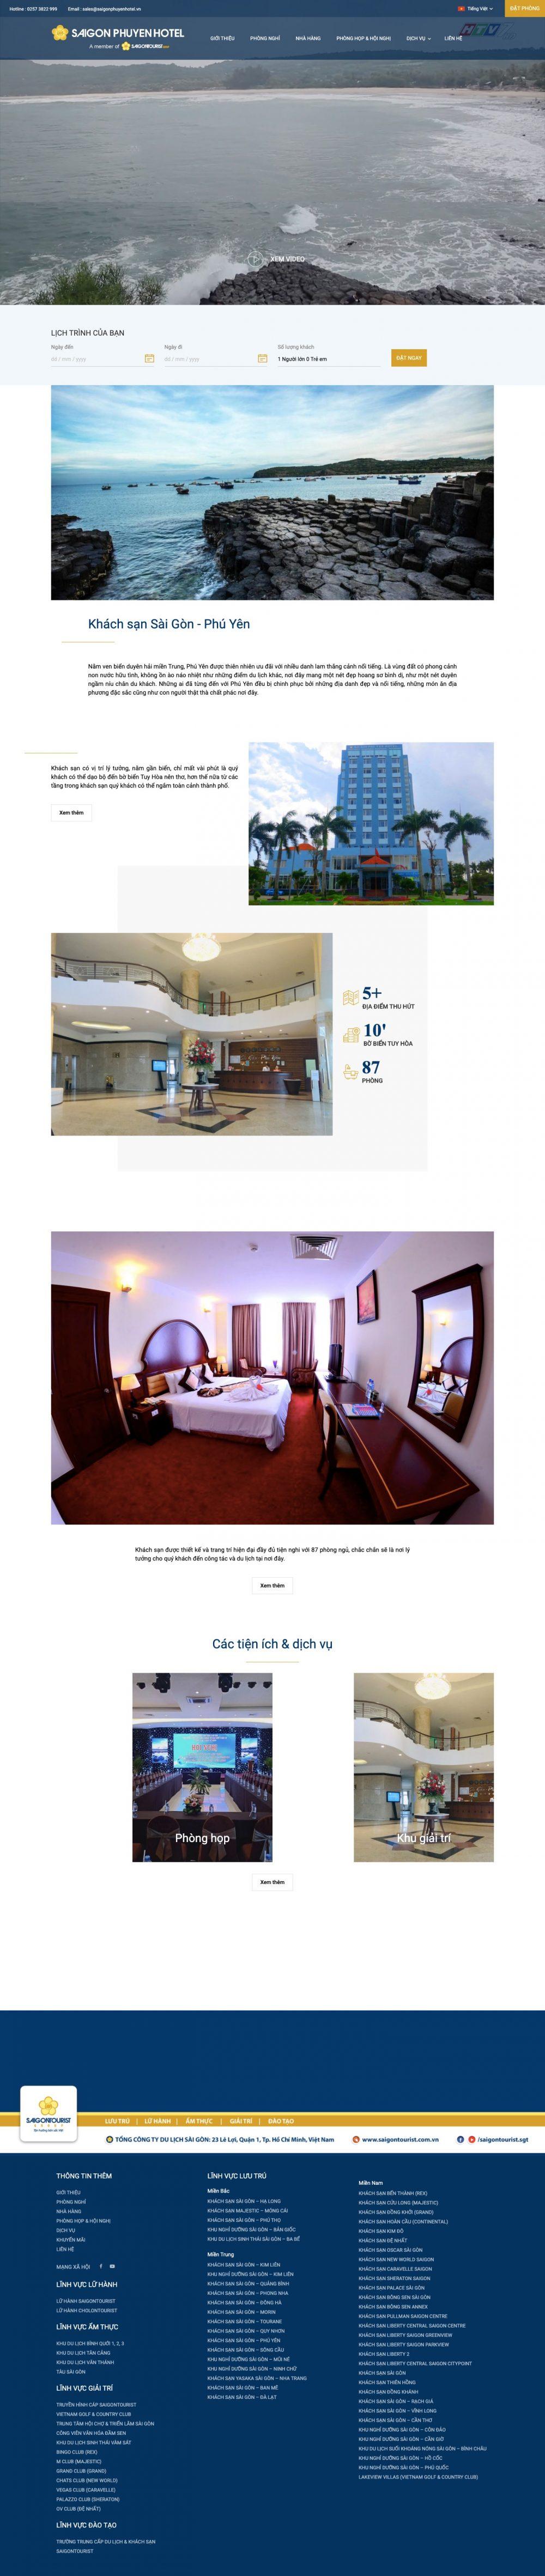 Khách sạn Sài Gòn – Phú Yên